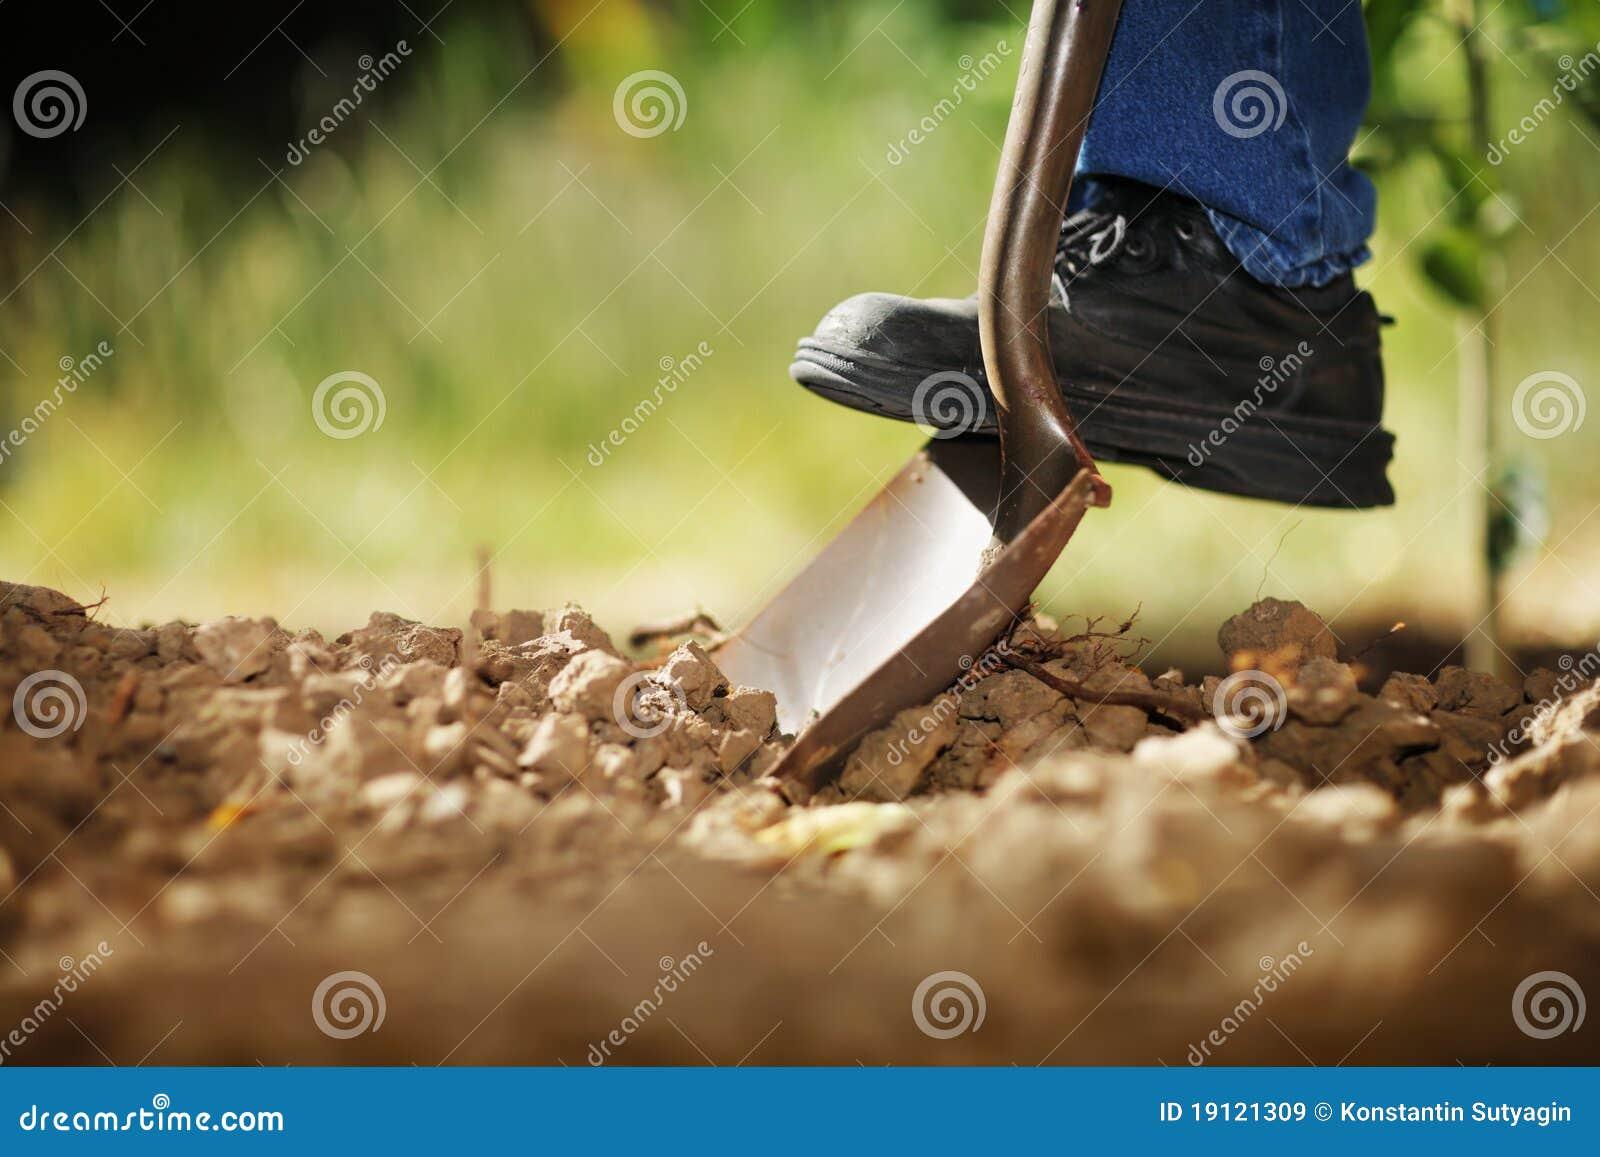 Gravende grond